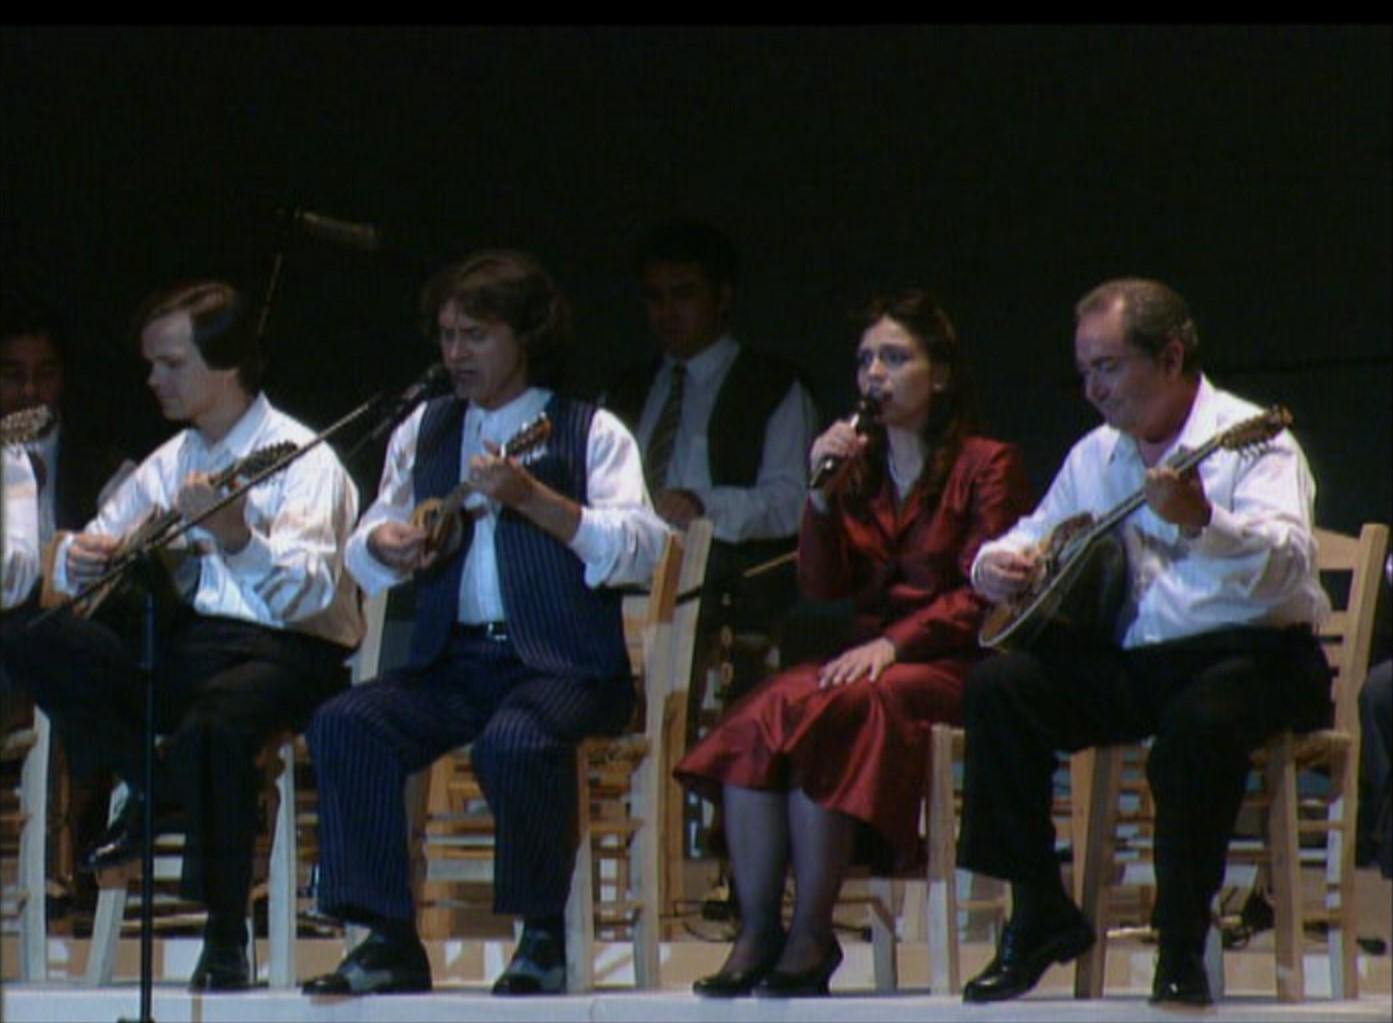 μουσική παράσταση με τον Γιώργο Νταλάρα